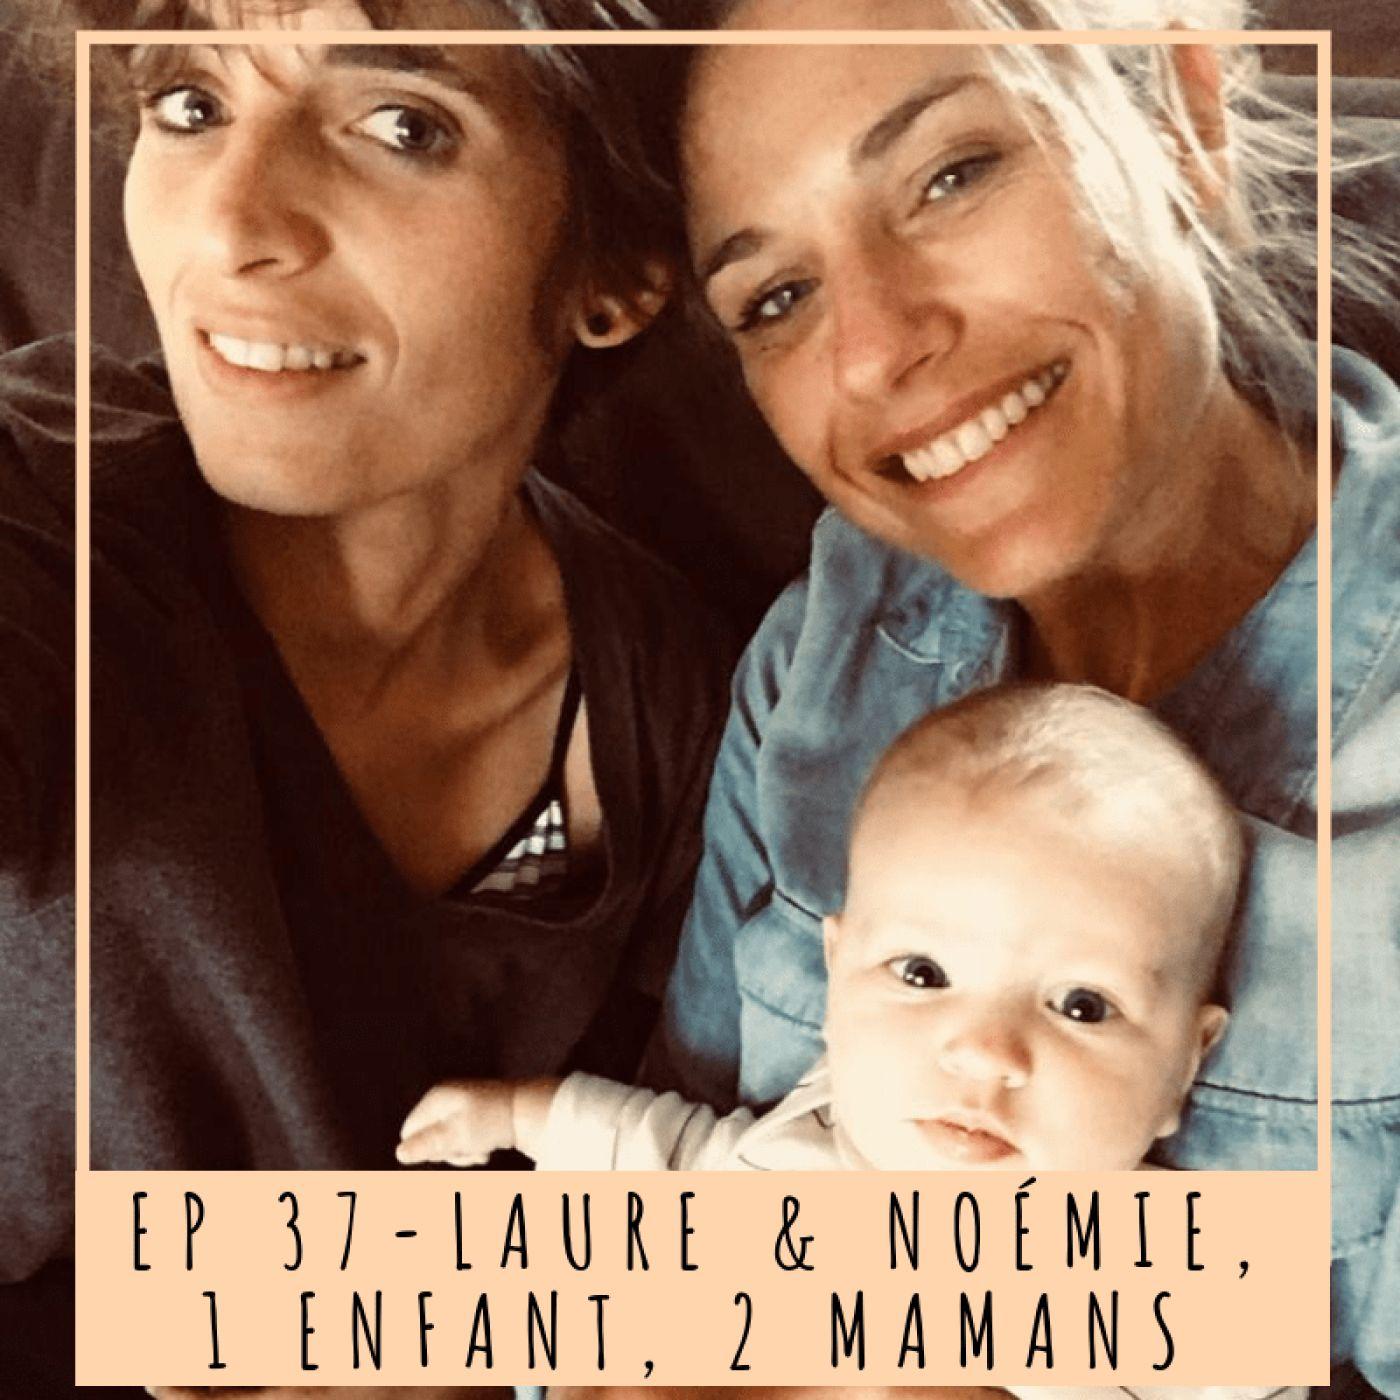 EP 37- LAURE & NOEMIE, 1 ENFANT, 2 MAMANS